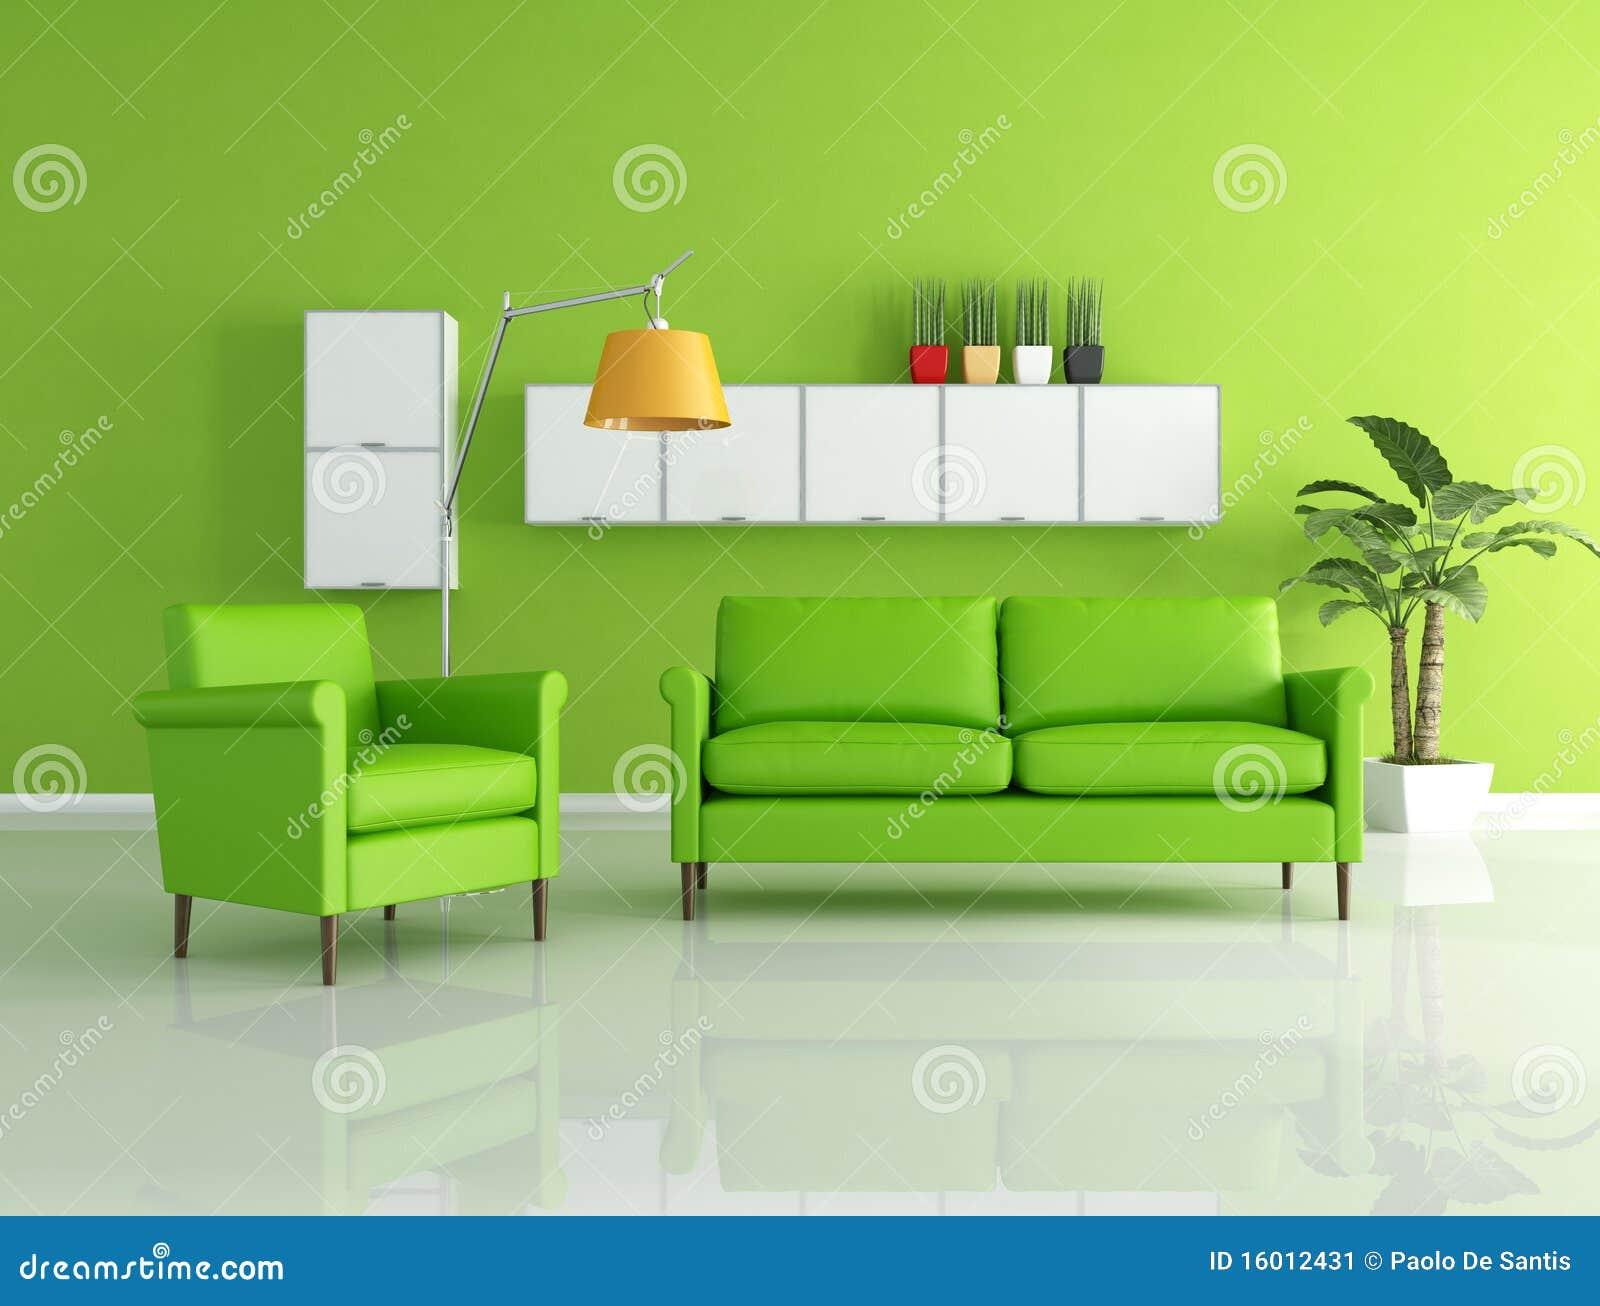 #407D10 Sala De Estar Verde Imagem de Stock Imagem: 16012431 1300x1078 píxeis em Cor Verde Para Sala De Estar